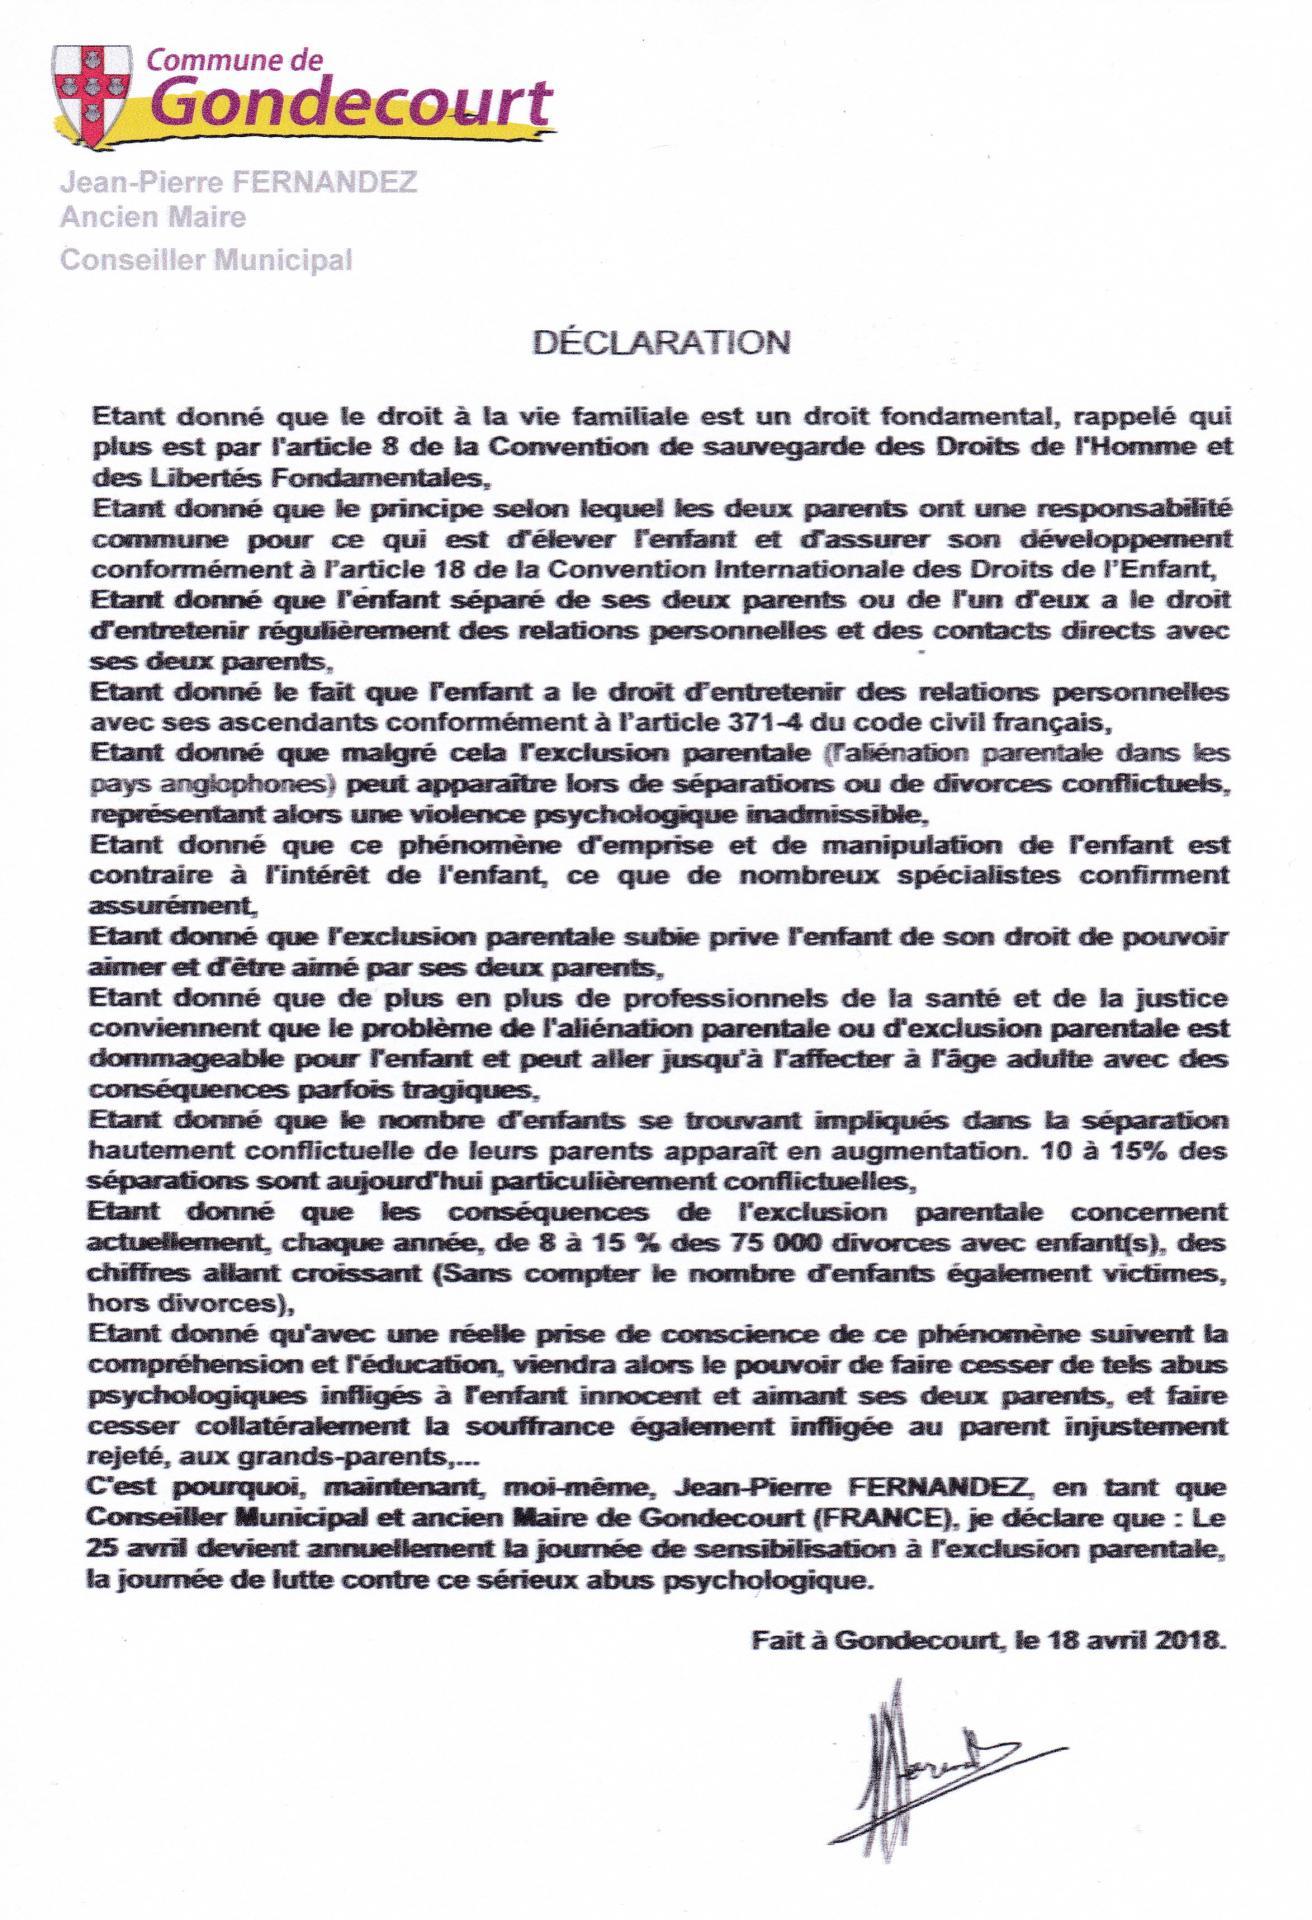 Declaration gondecourt